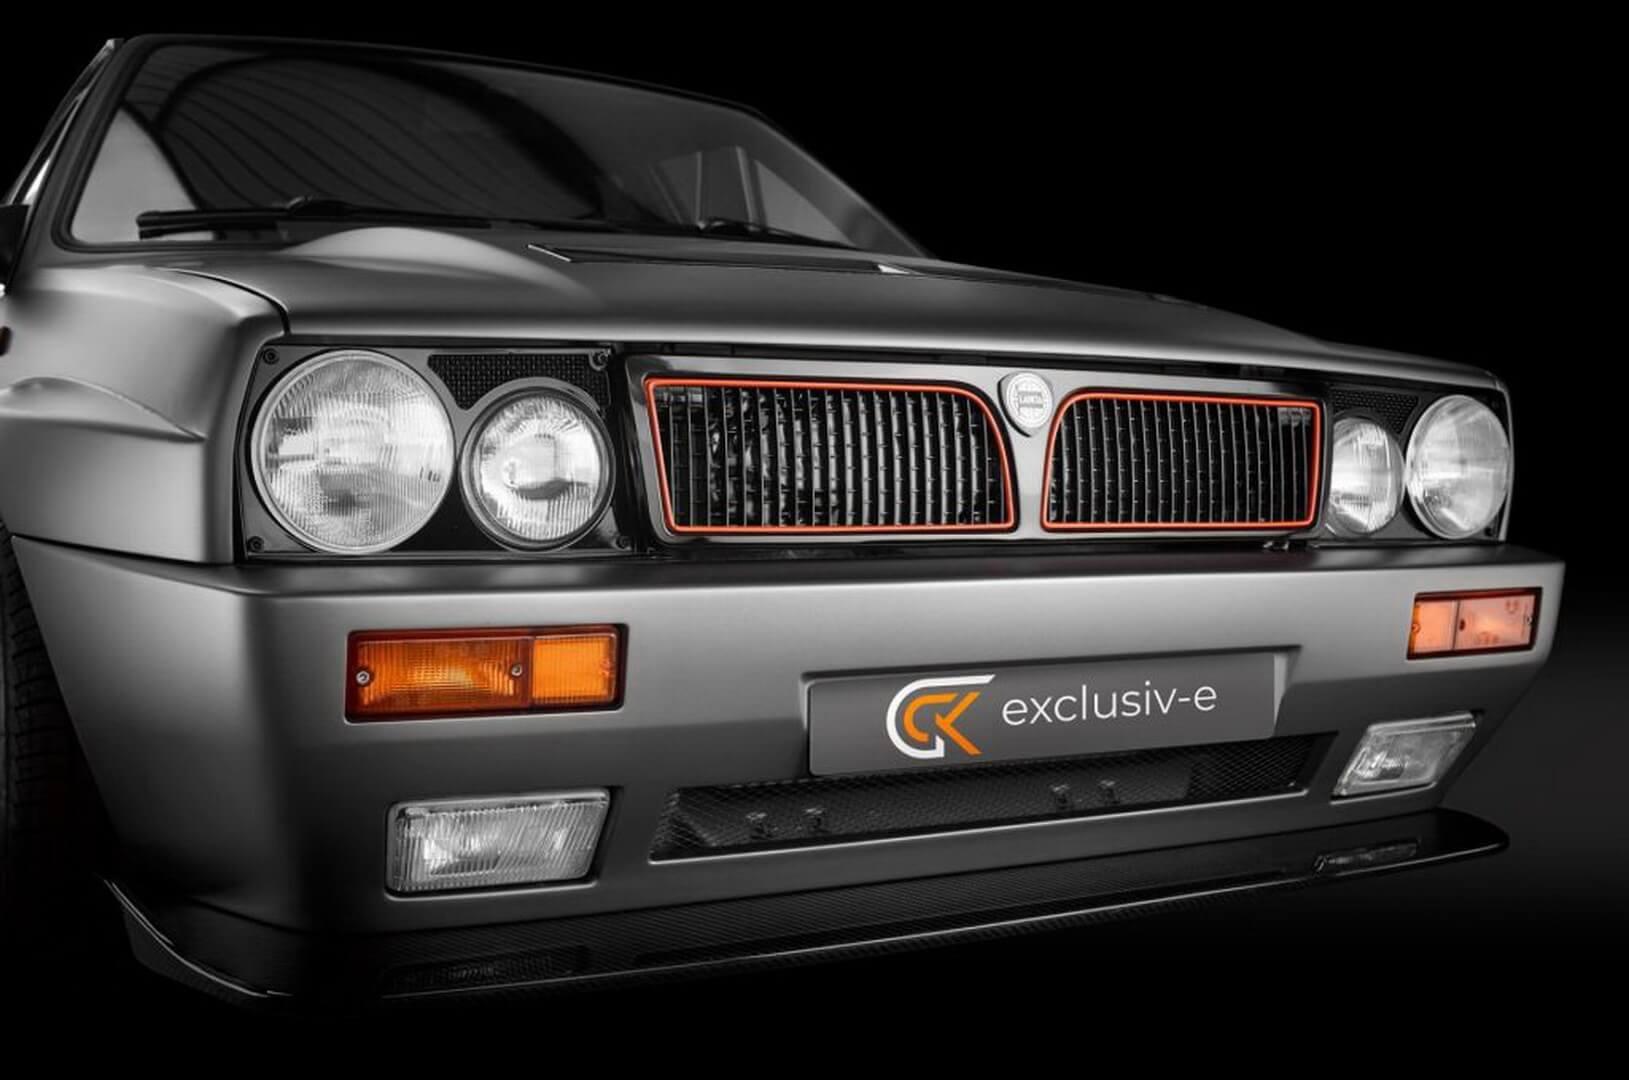 Команда GCK представила первую модель новой линейки электрических рестомодов «Exclusiv-e»